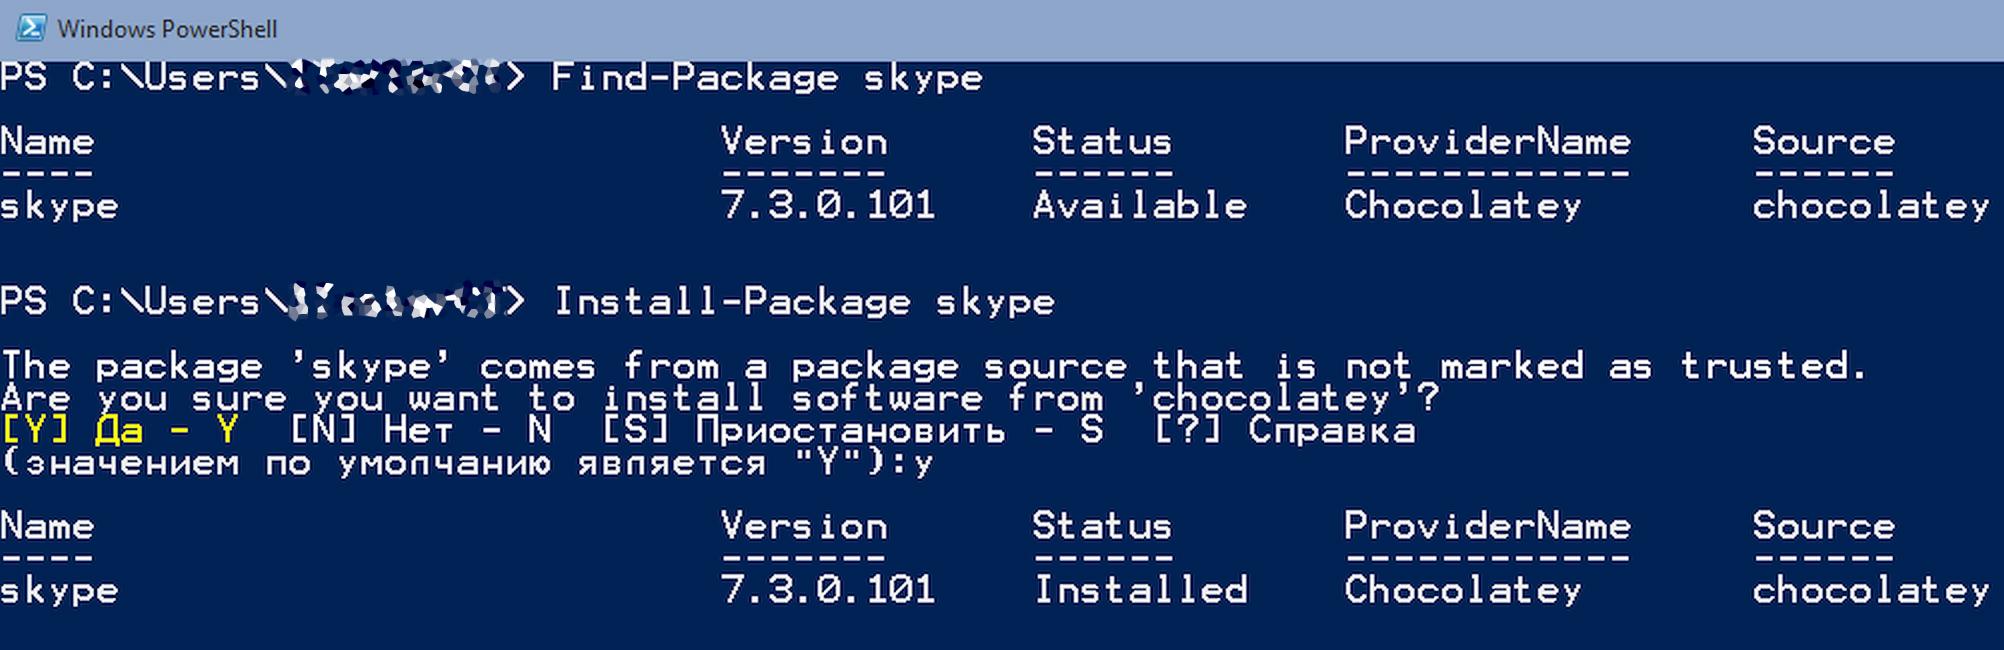 Установка Skype из PowerShell